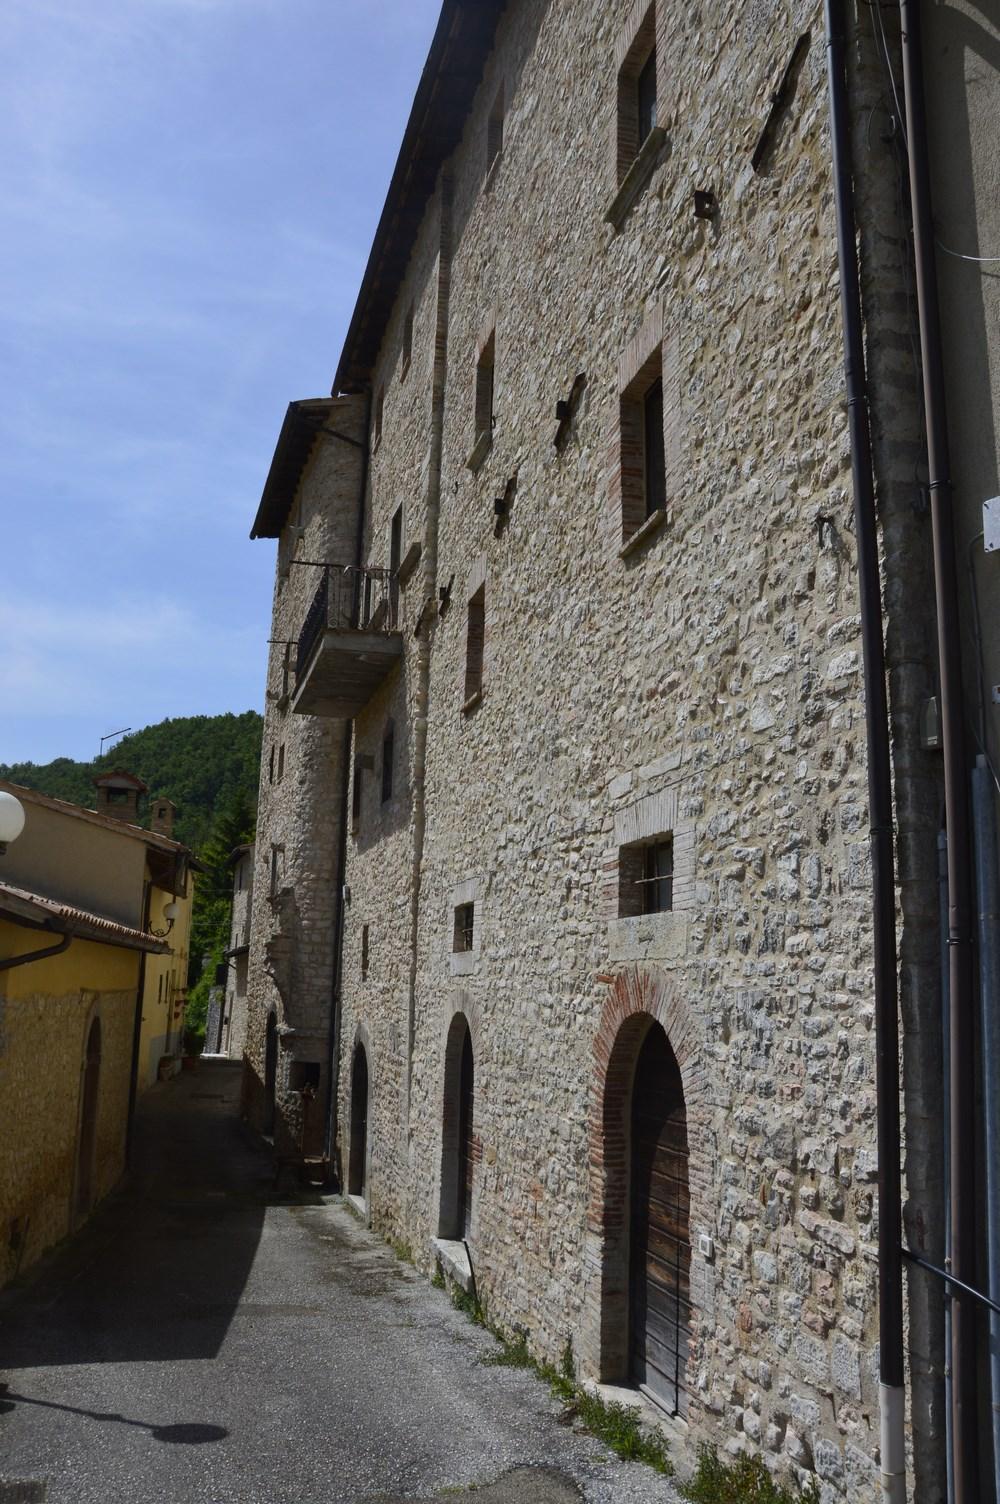 Appartamento in vendita a Preci, 5 locali, prezzo € 49.000 | Cambio Casa.it